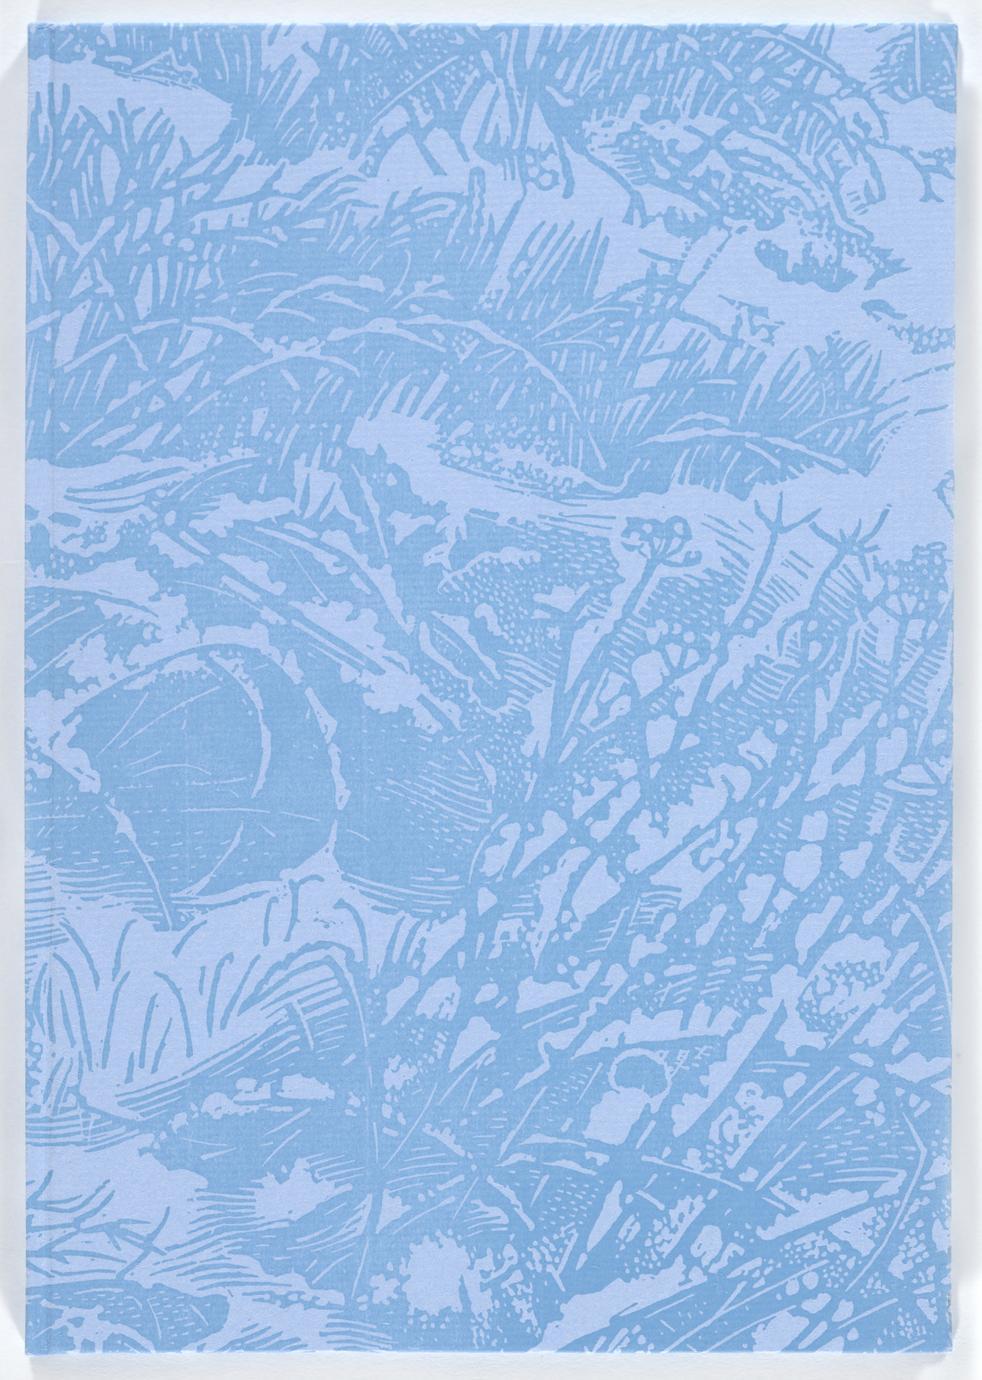 Midwinter : wood-engravings (1 of 3)